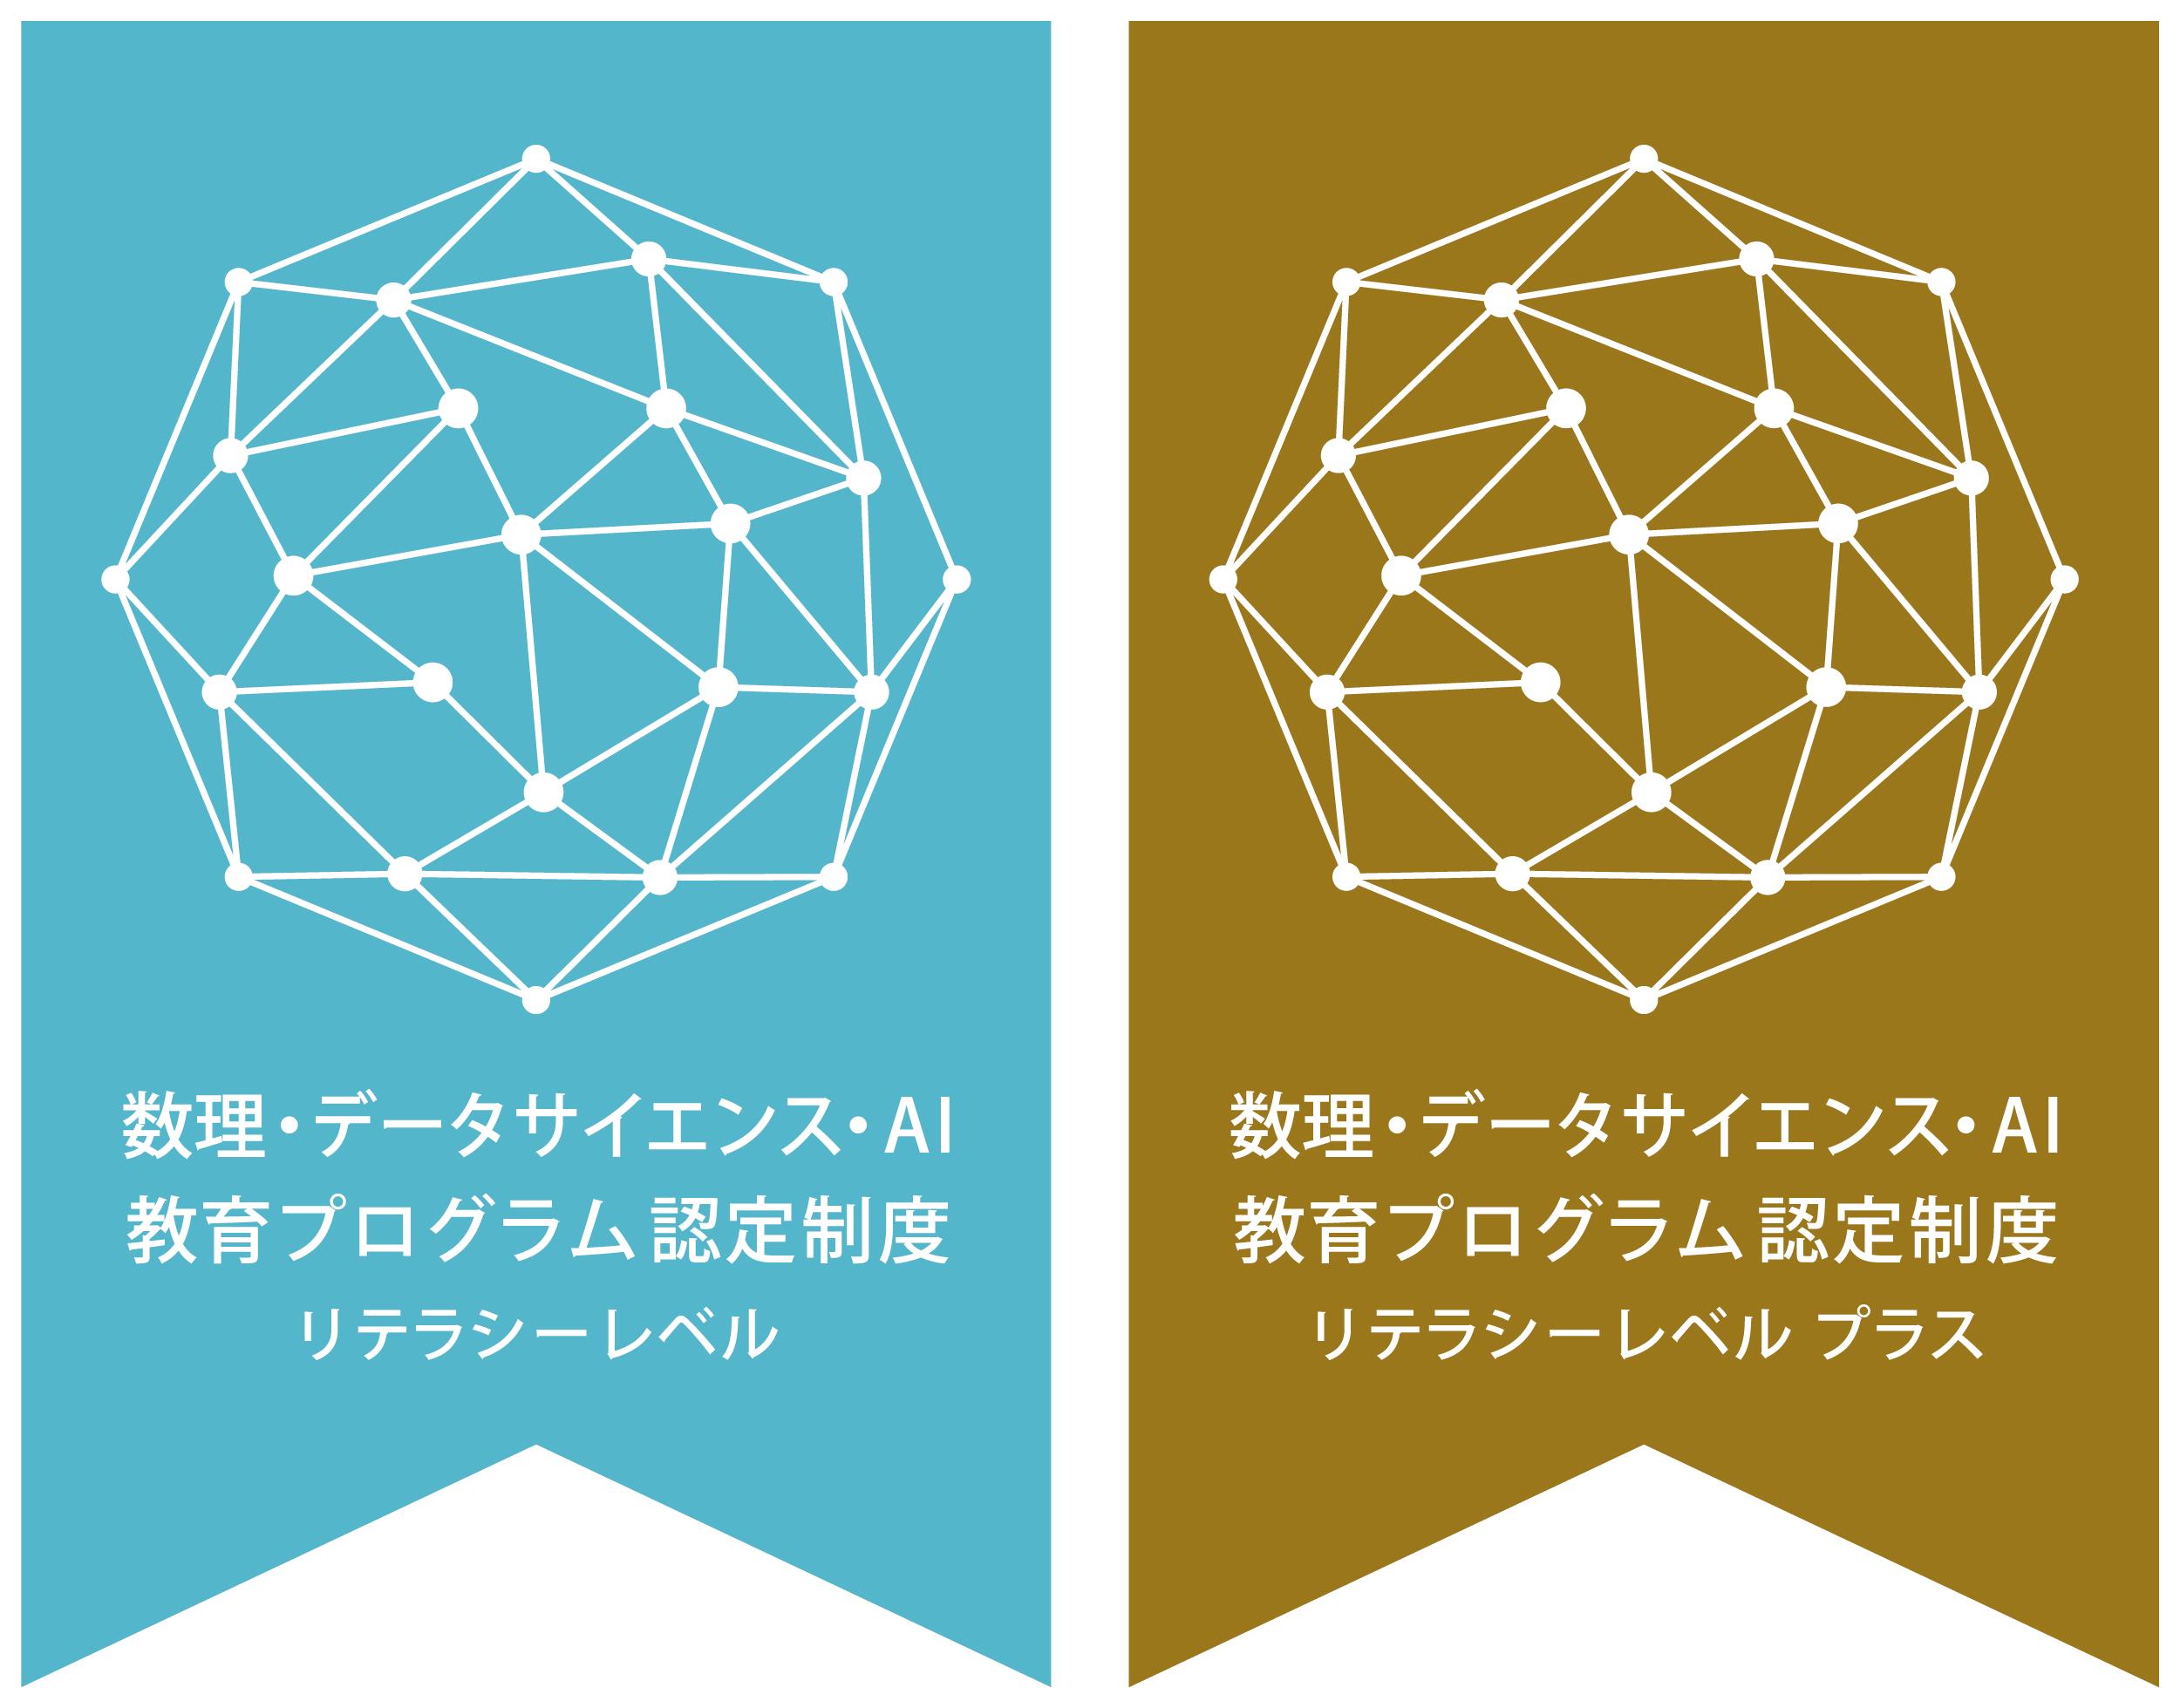 「KIT数理データサイエンス教育プログラム」が、文部科学省の「数理・データサイエンス・AI教育プログラム(リテラシーレベル)プラス」に選定。データサイエンス・AIを活用し、社会課題を解決できる人材を育成。 -- 金沢工業大学